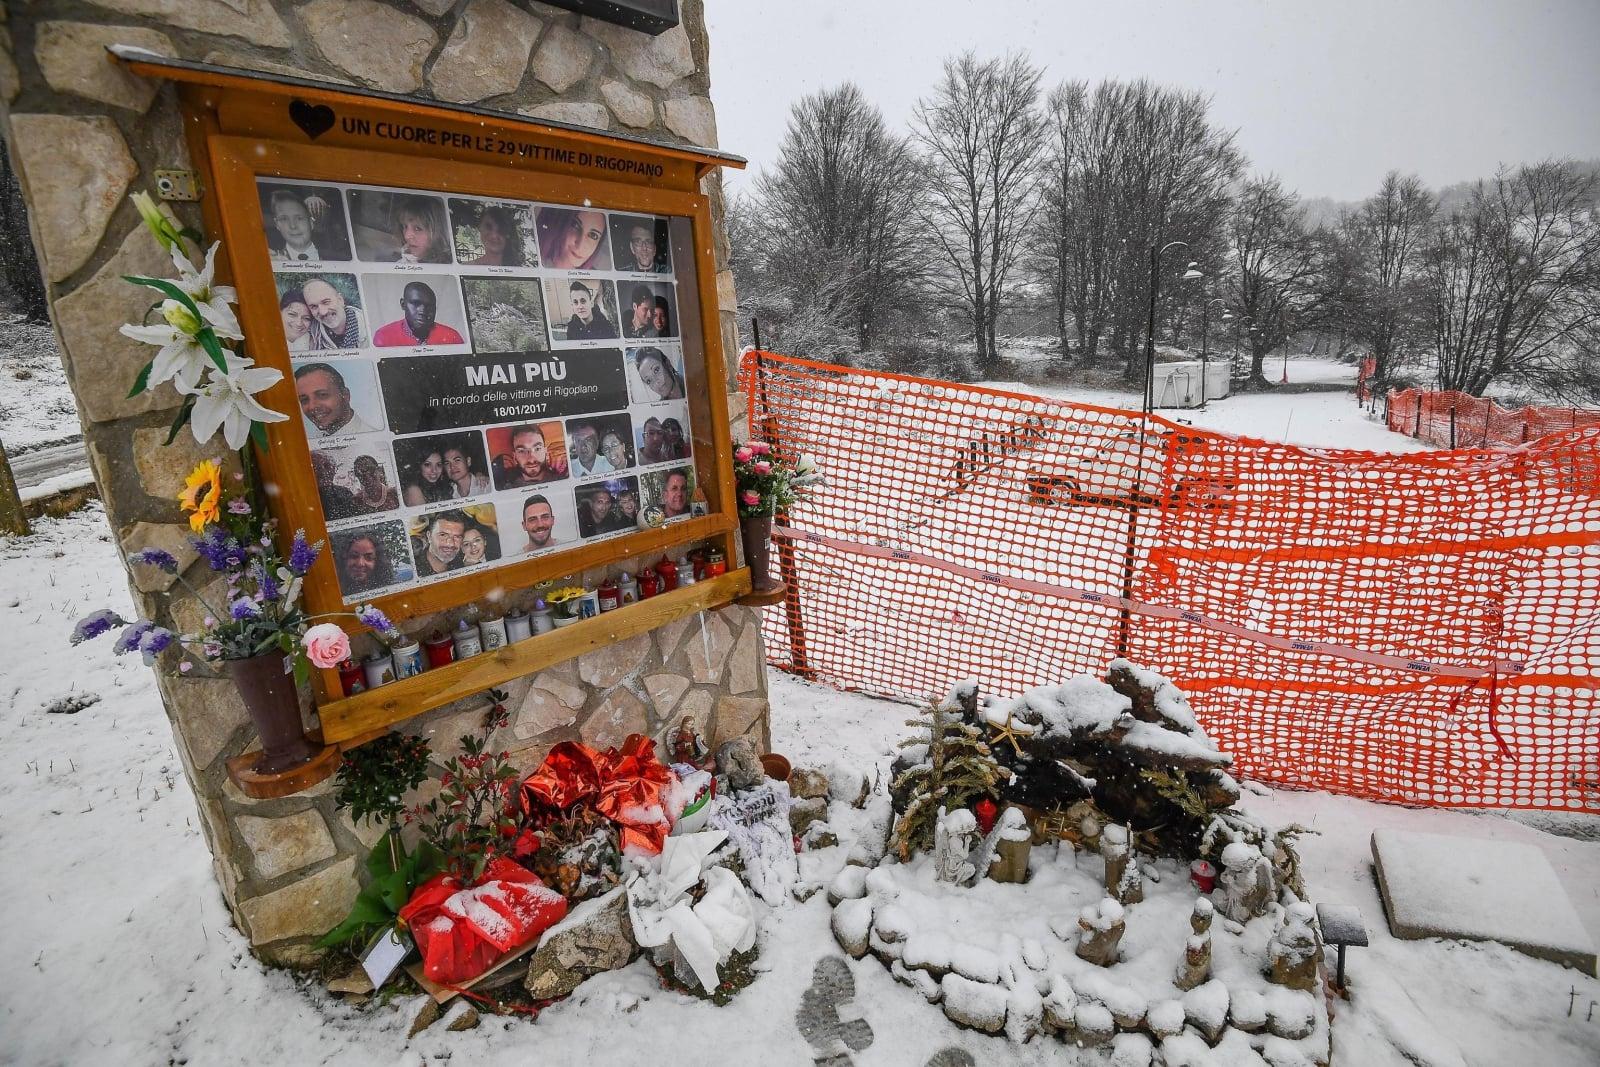 Kwiaty przy ruinach Hotelu Rigopiano, gdzie rok temu uderzyła lawina, zabijając 18 osób